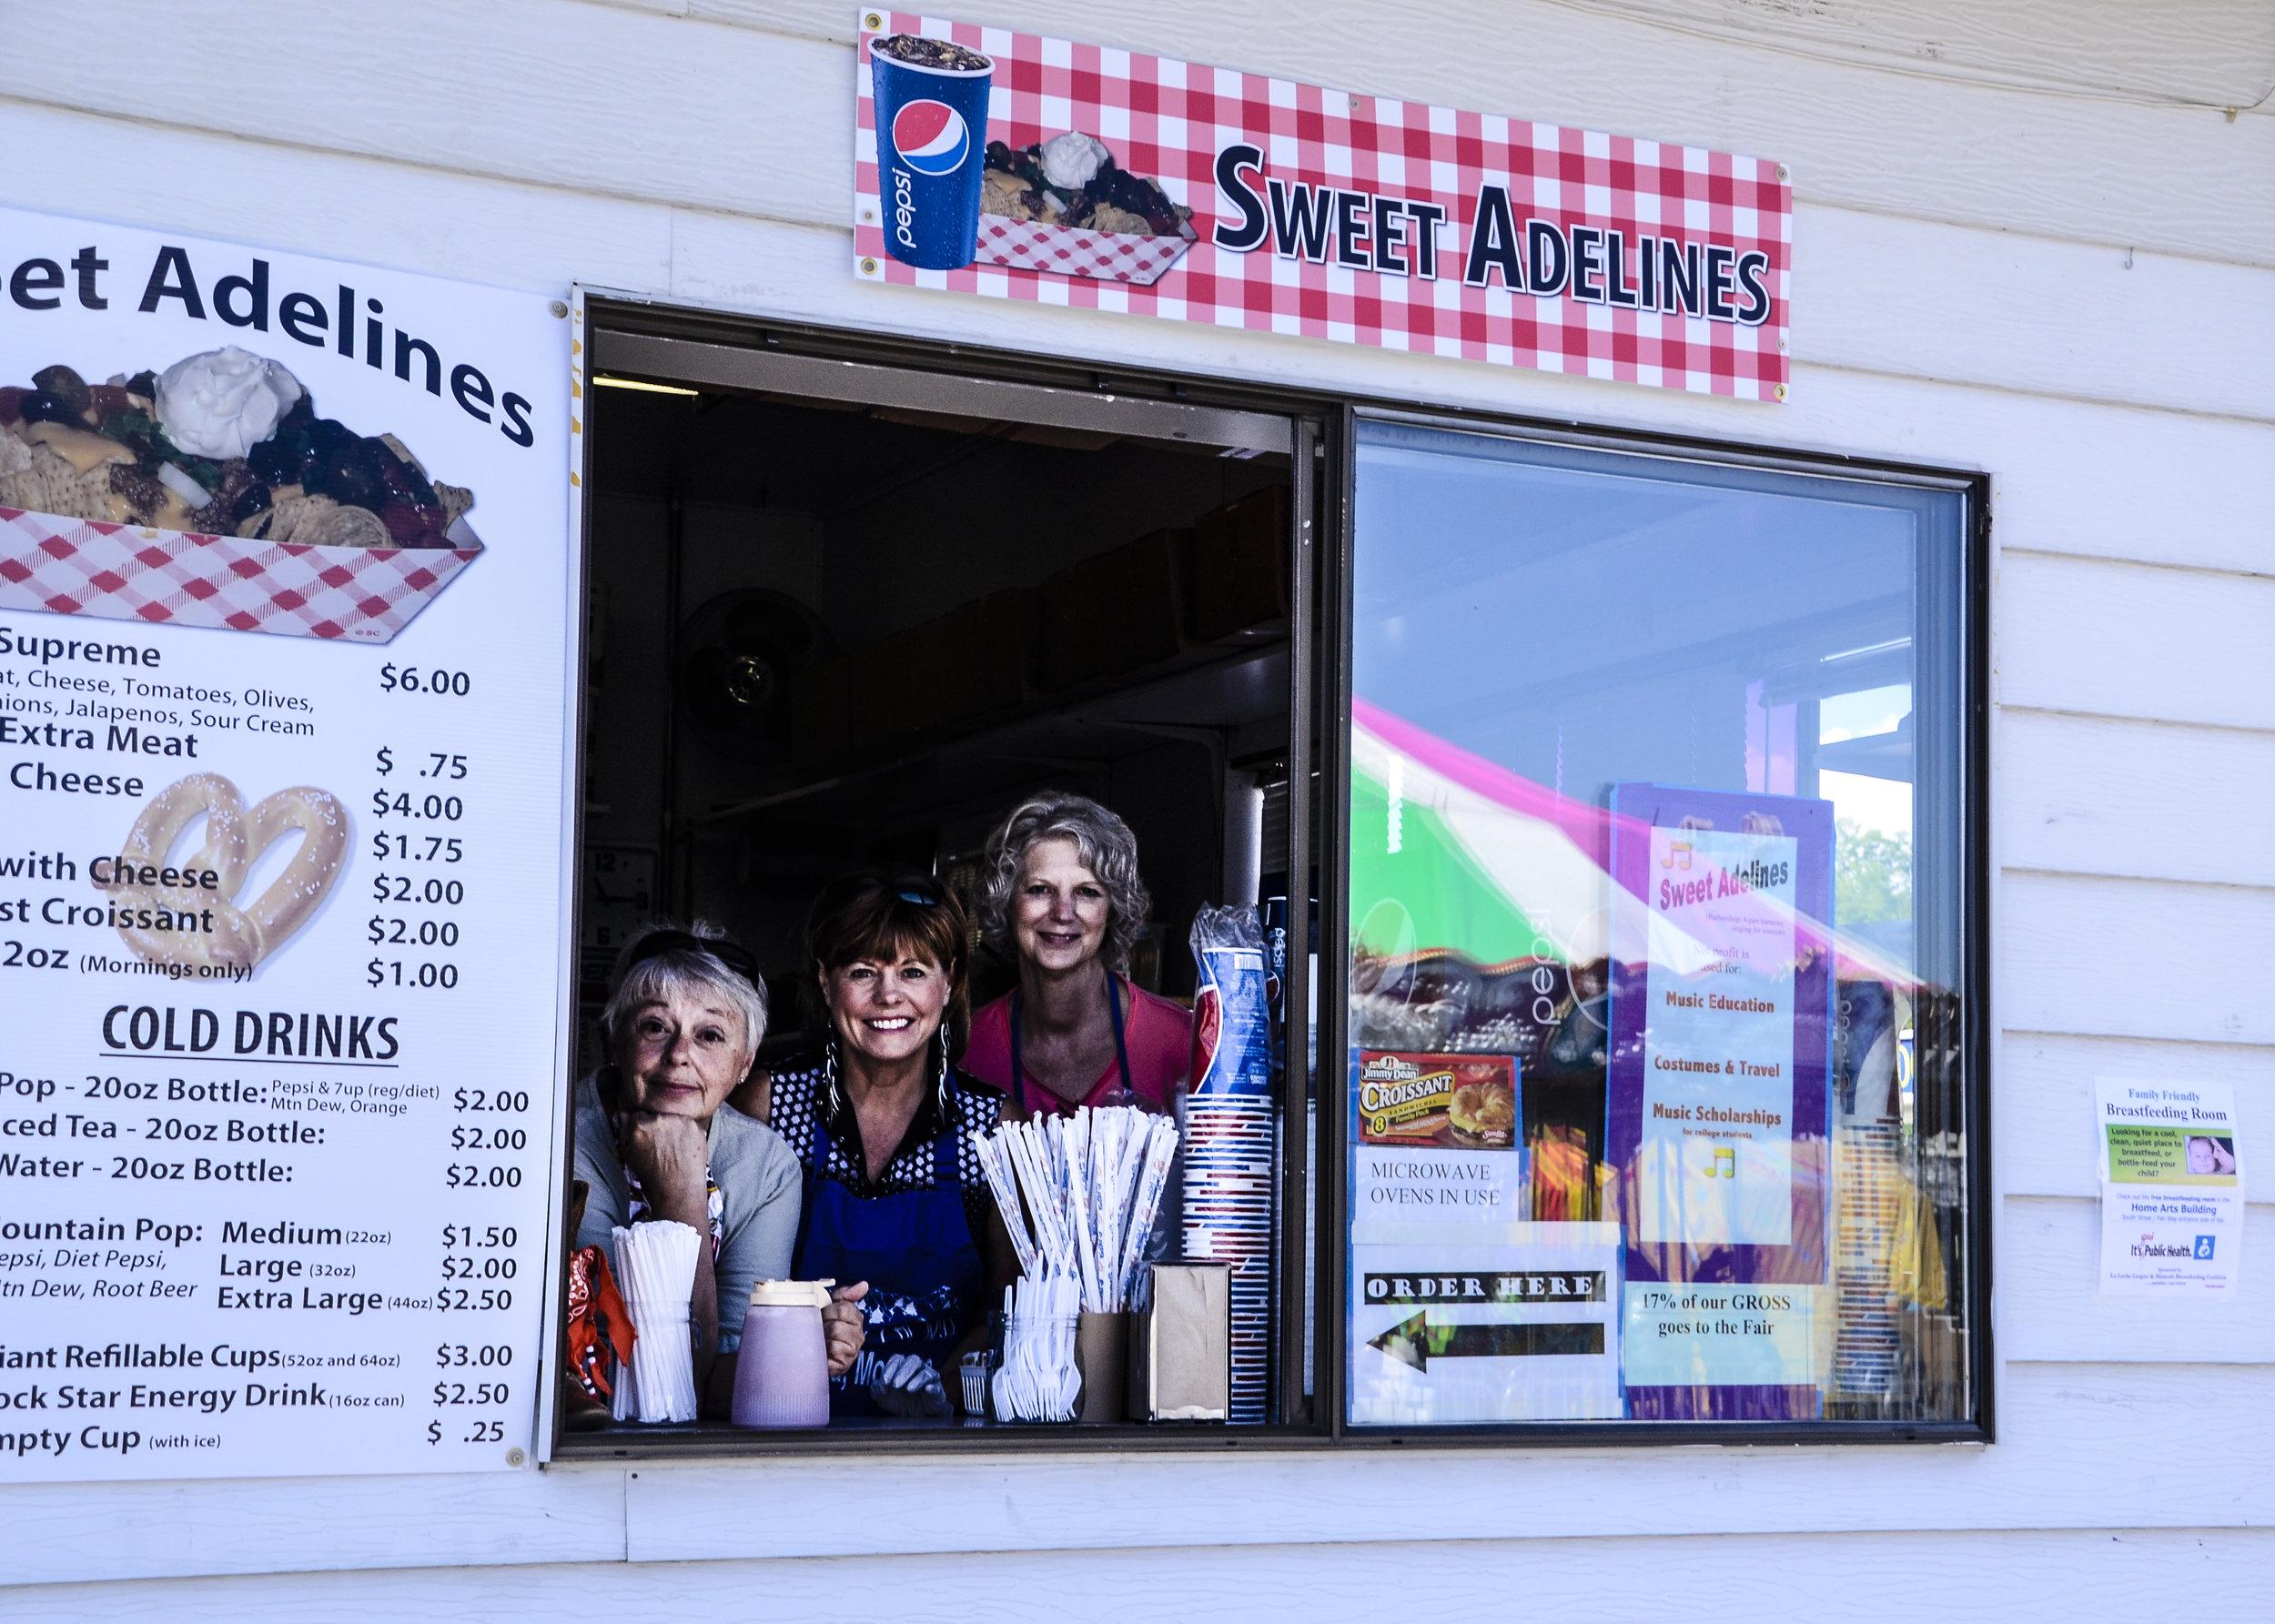 Sweet Adelines -